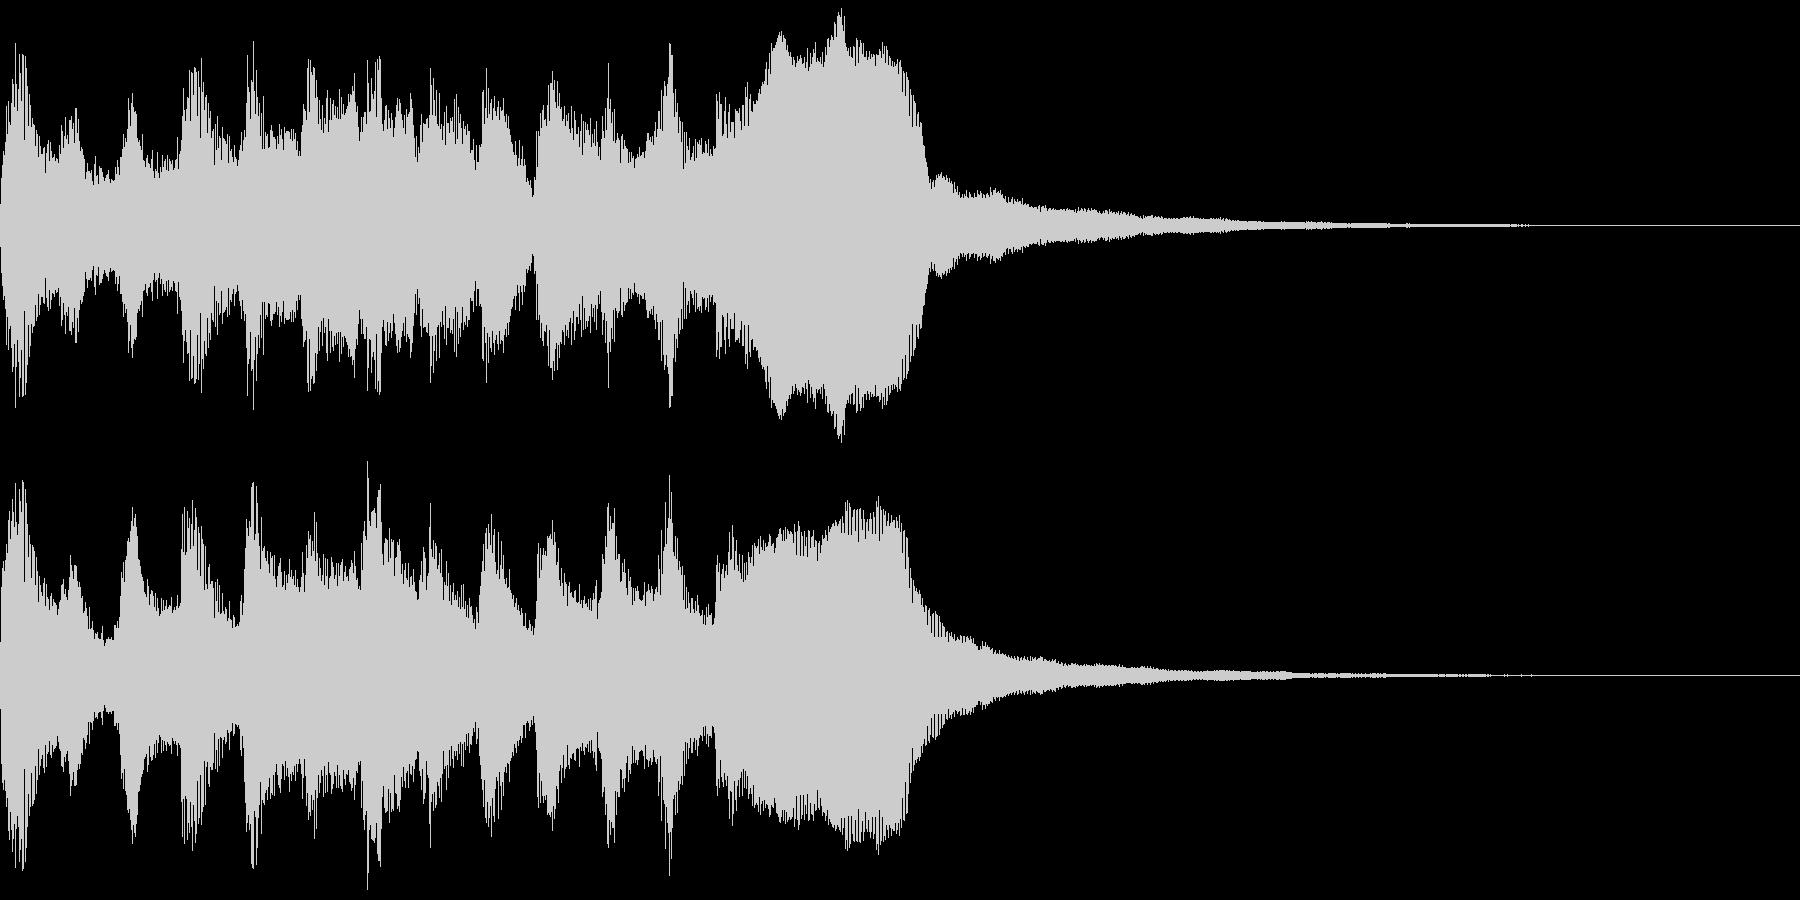 サウンドロゴ、ゴージャス感、verCの未再生の波形